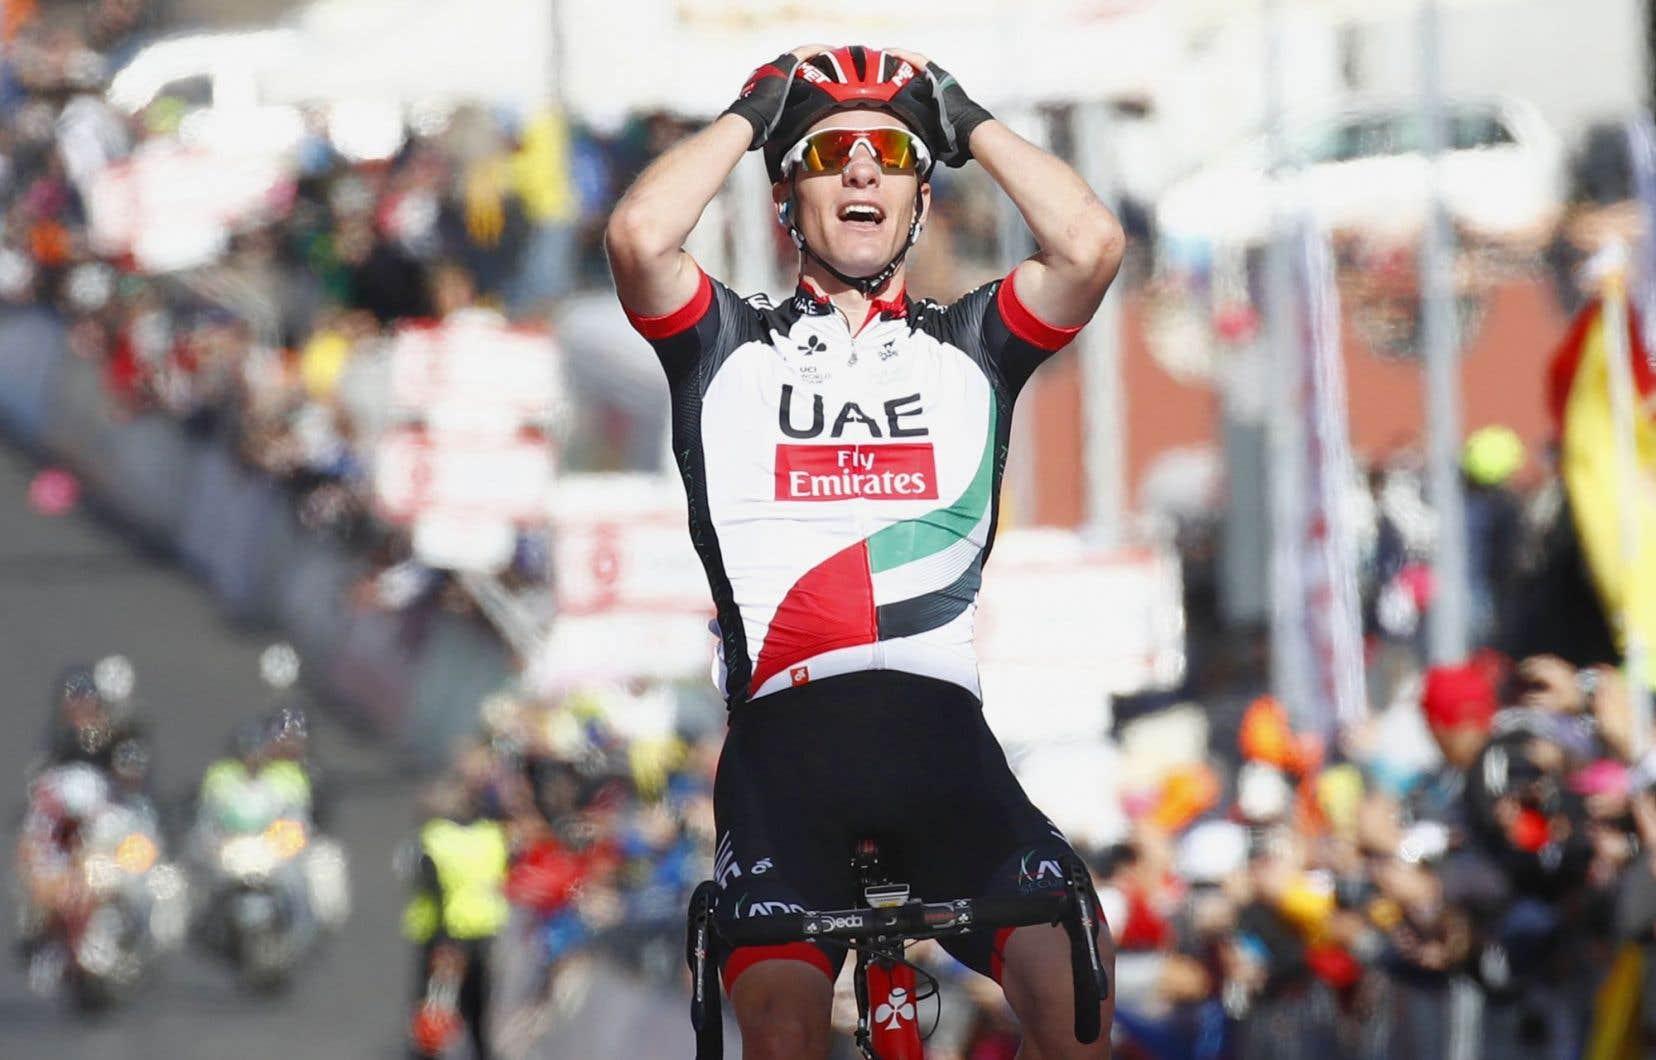 Le Slovène Jan Polanc s'est réjoui d'avoir signé sa «plus belle victoire», deux ans après avoir gagné l'étape de l'Abetone.